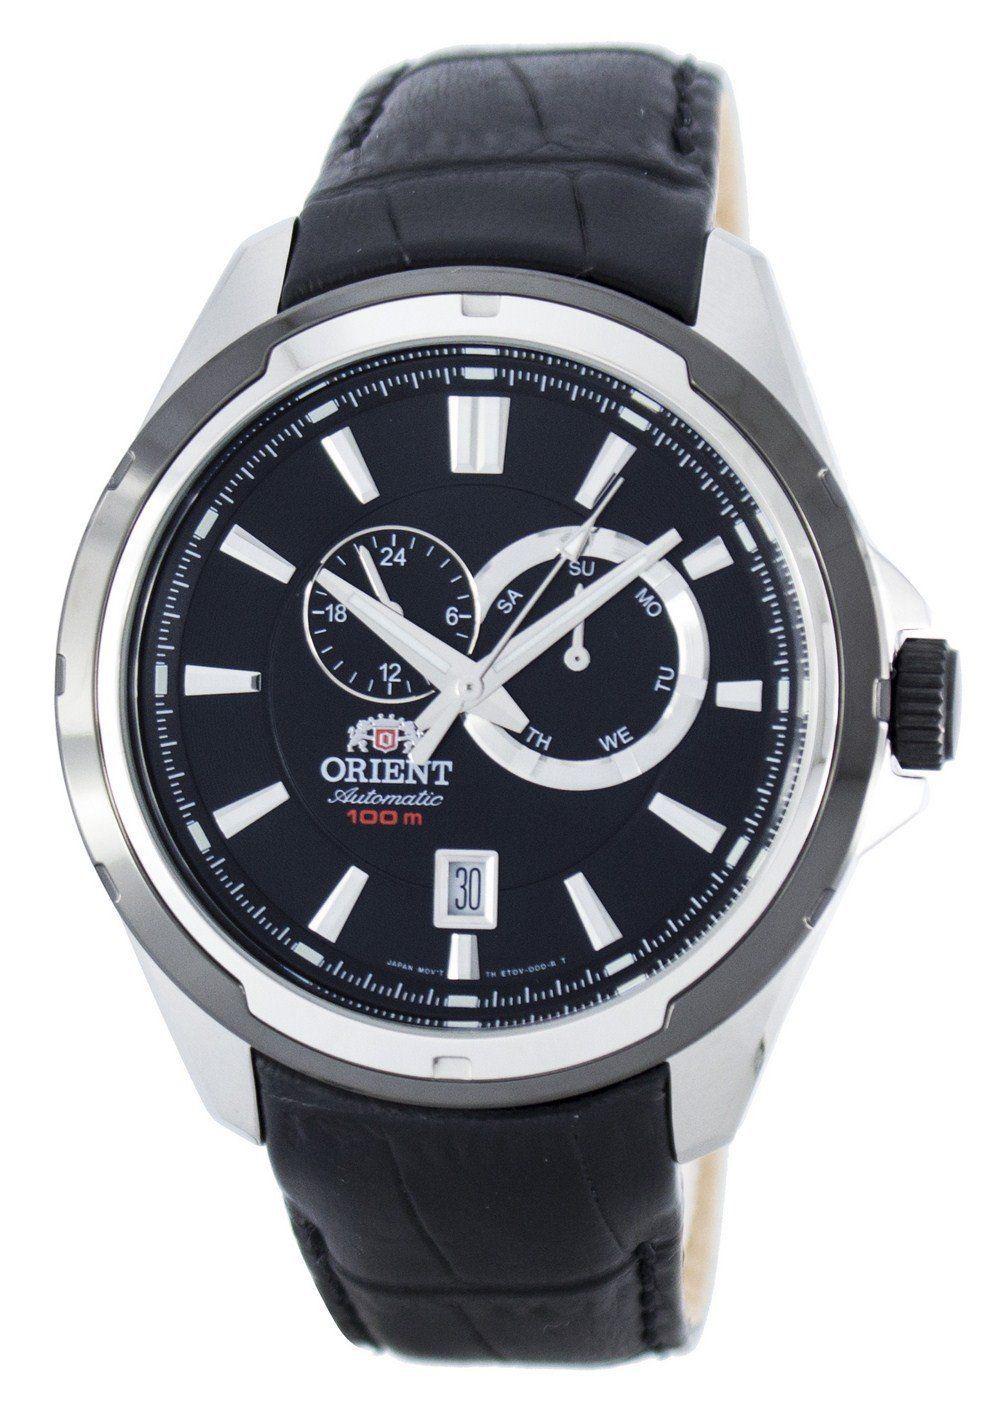 นาฬิกาผู้ชาย Orient รุ่น FET0V003B0, Sporty Automatic